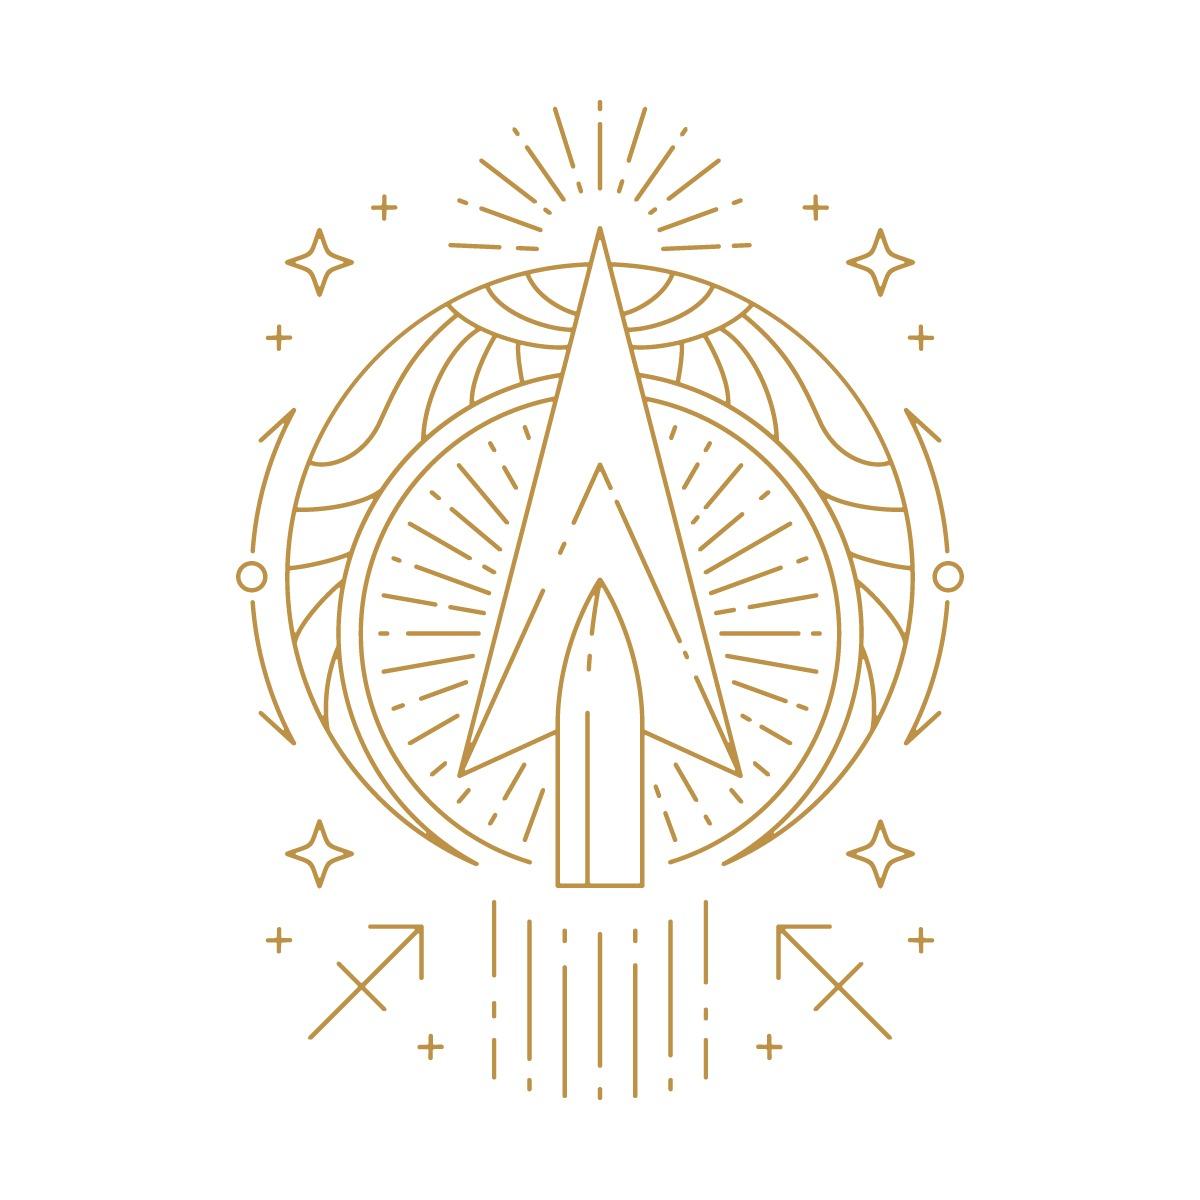 Hình vẽ mũi tên, biểu tượng cung Nhân Mã